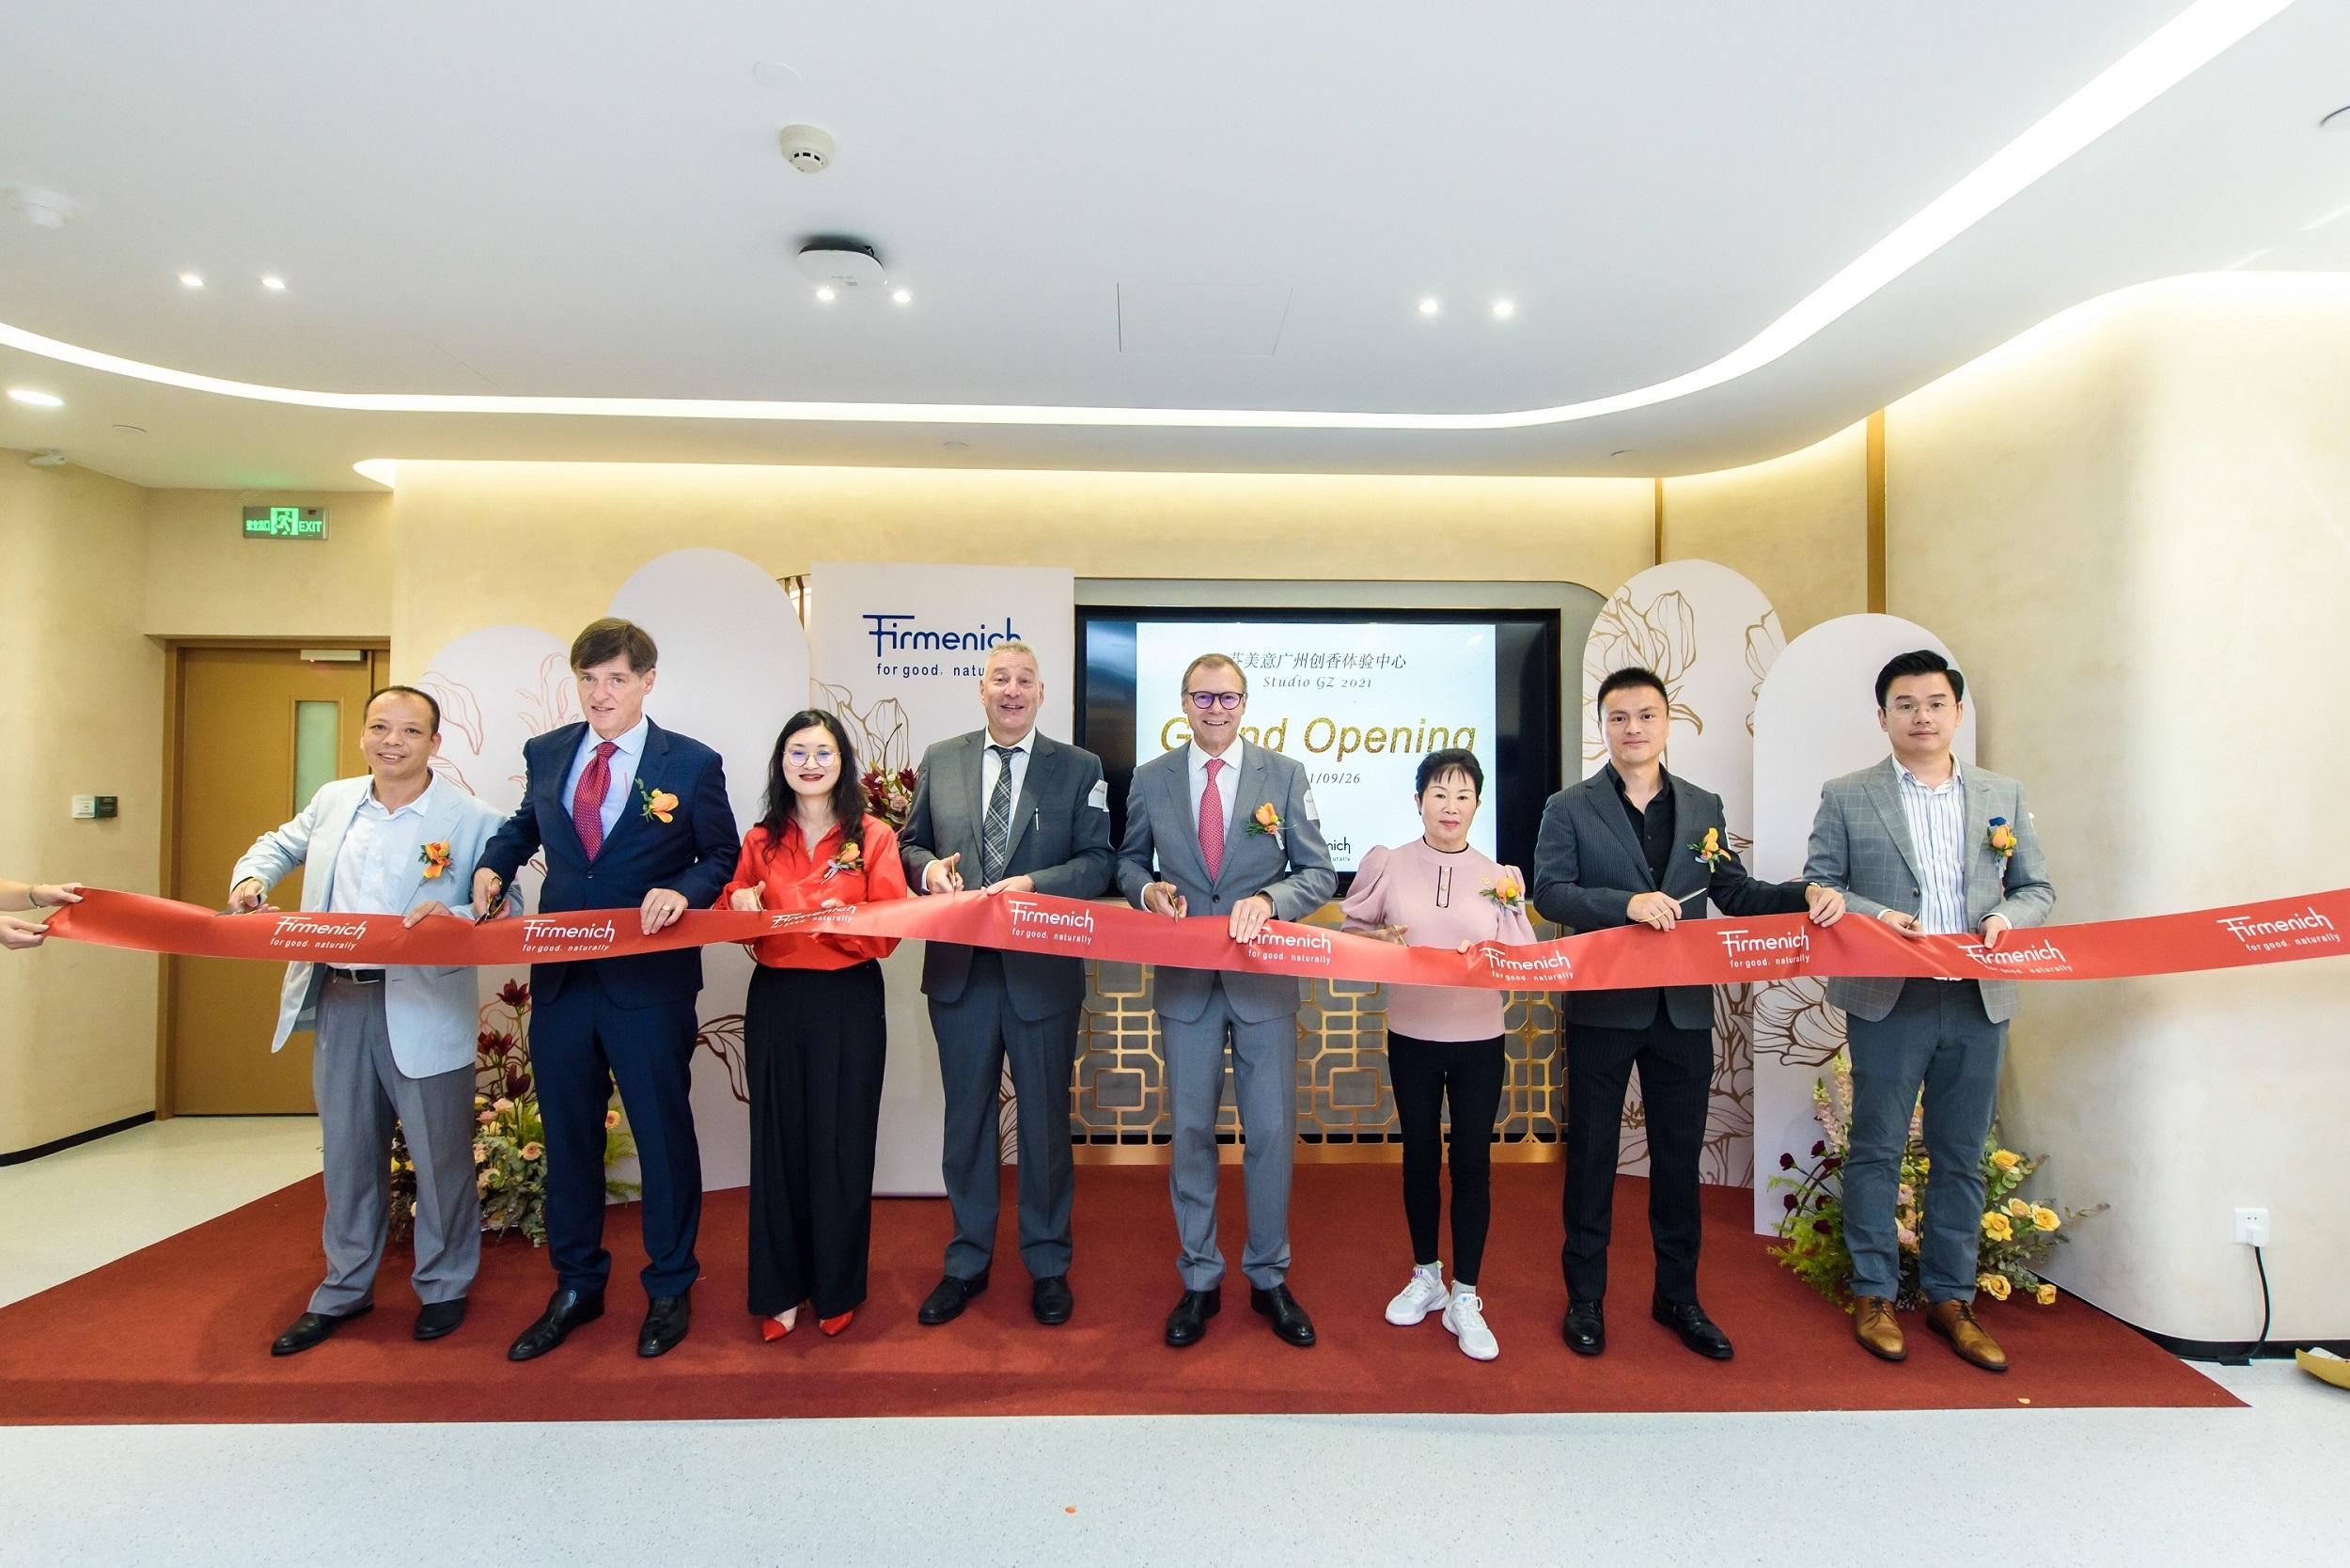 芬美意广州创香体验中心开业,为迅速增长的华南市场提供独特的客户定制体验插图